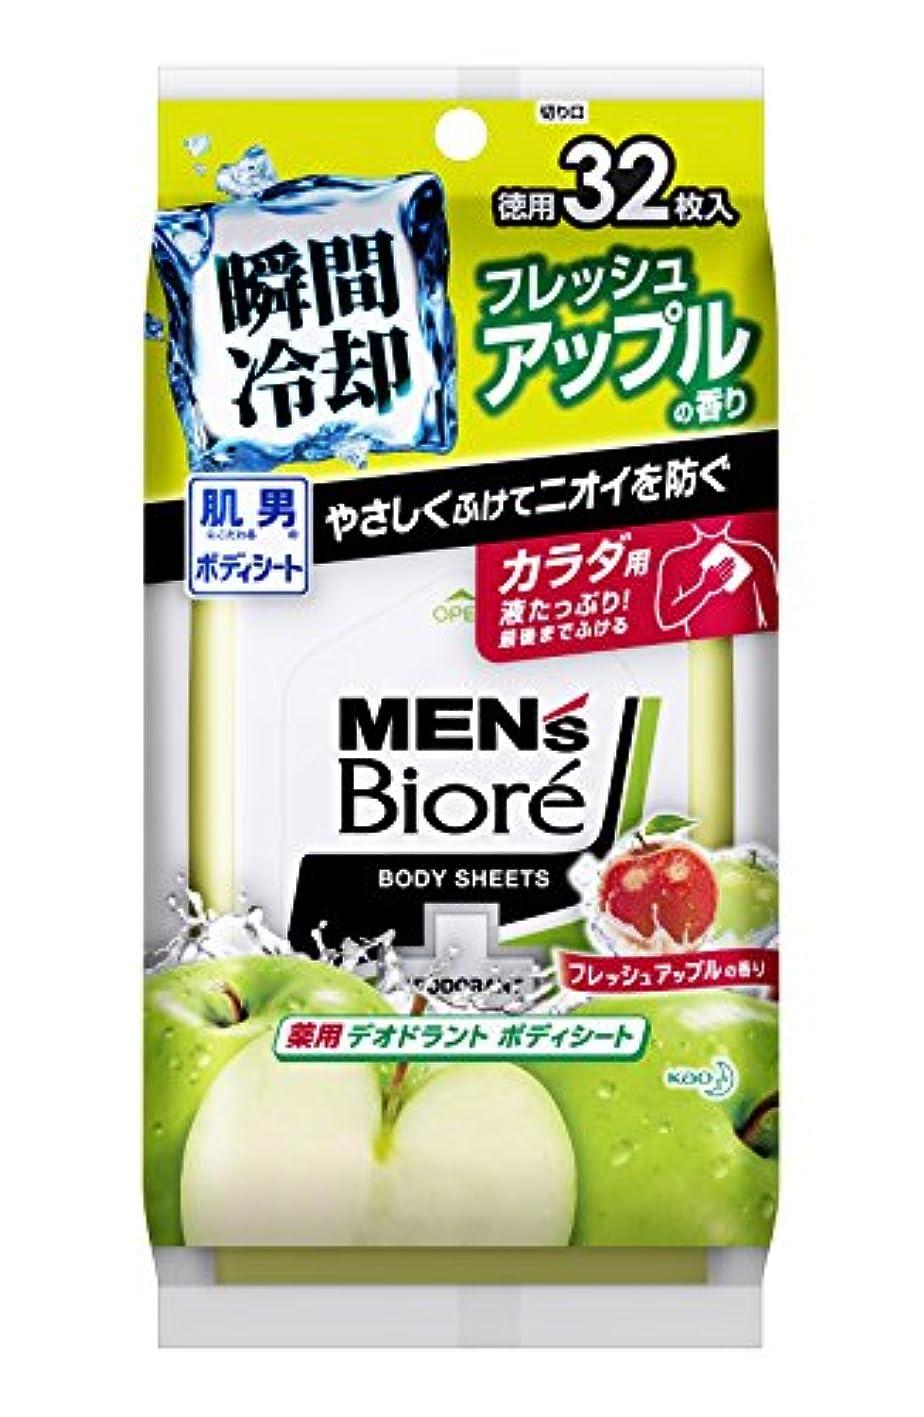 ネコわざわざに対処するメンズビオレ 薬用デオドラントボディシート フレッシュアップルの香り 32枚